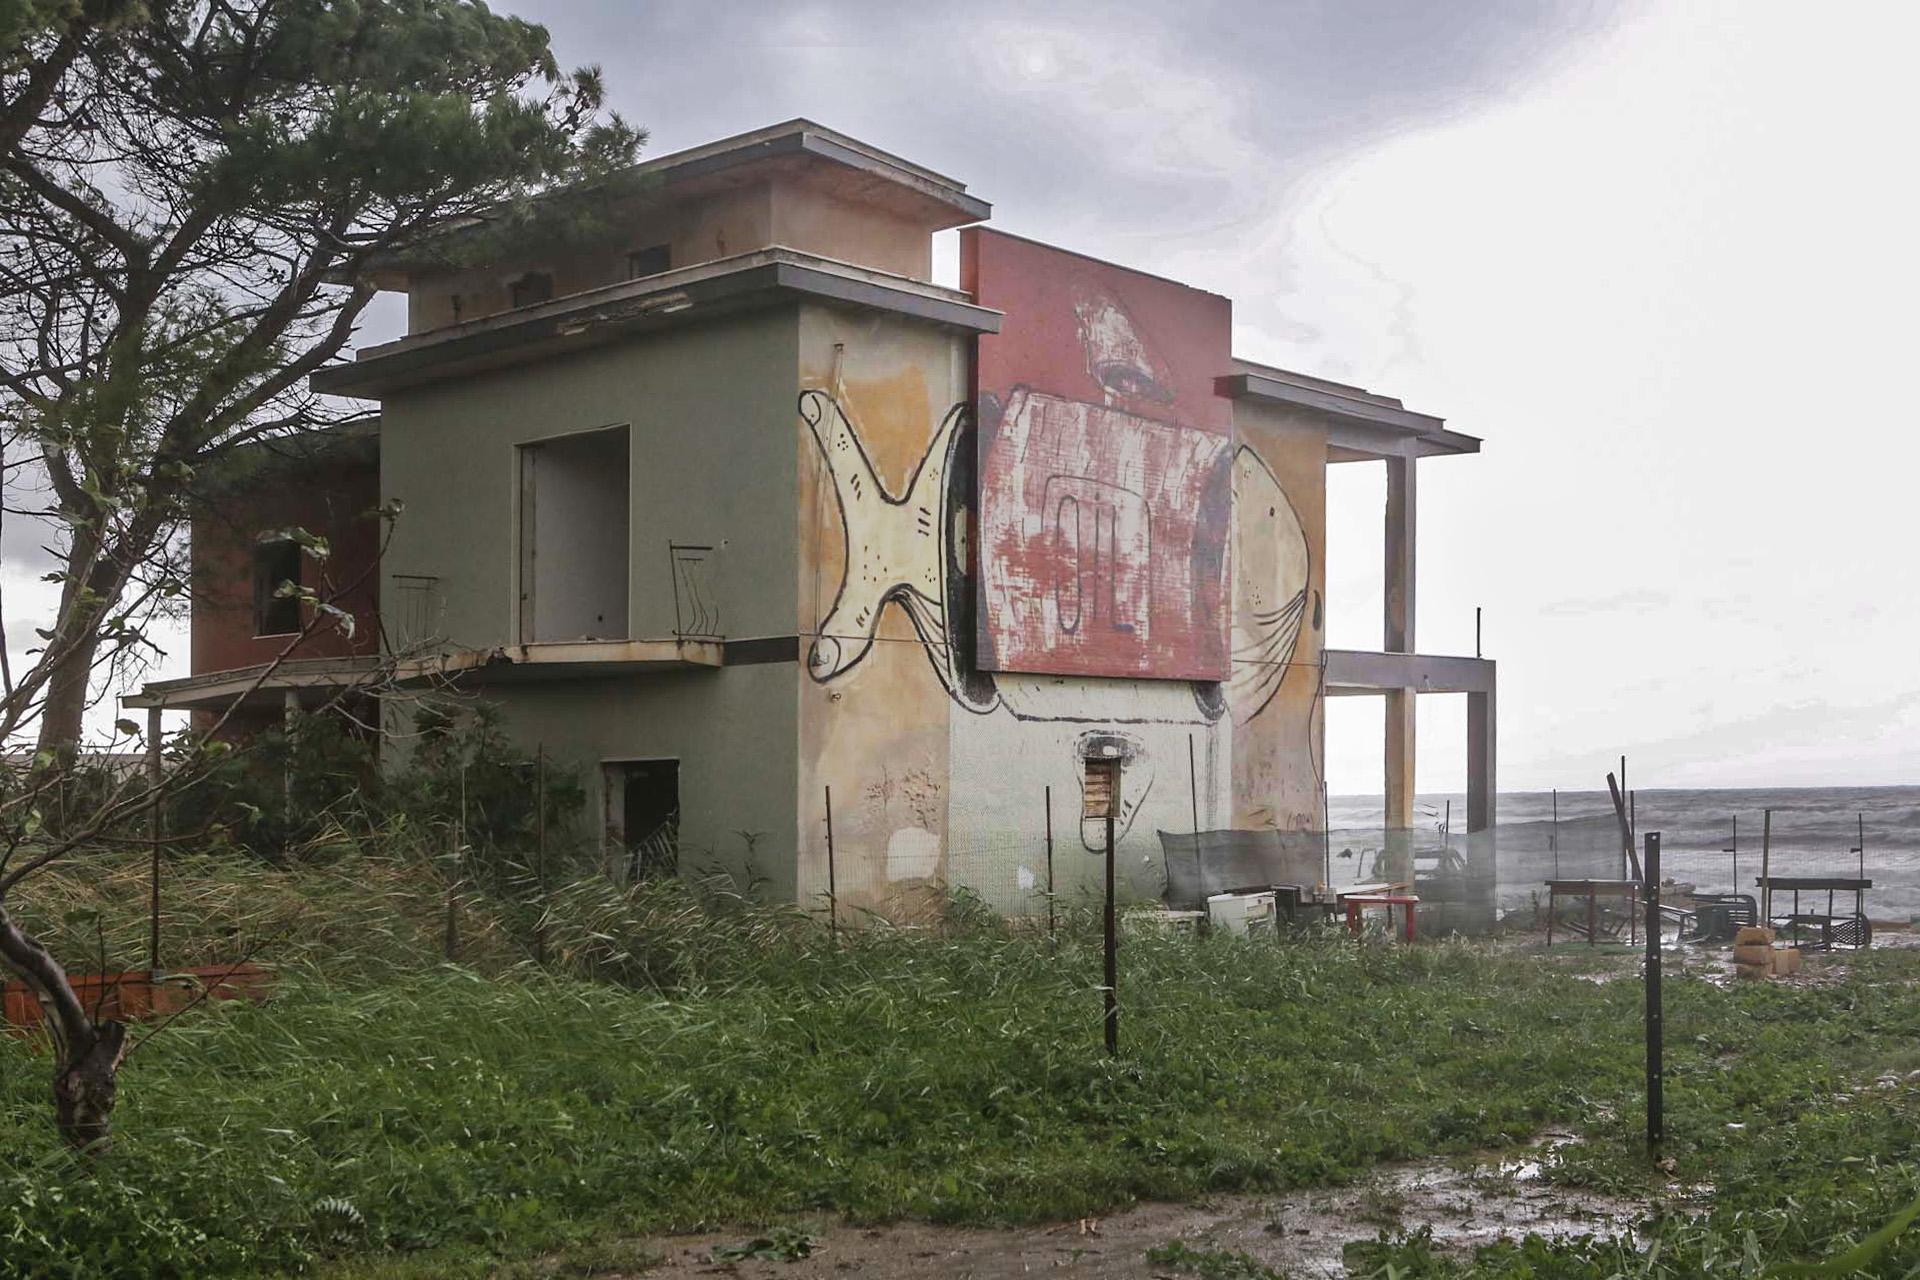 Un'opera dei Mangiatori di Patate realizzata sulla fiancata di una casa abbandonata.